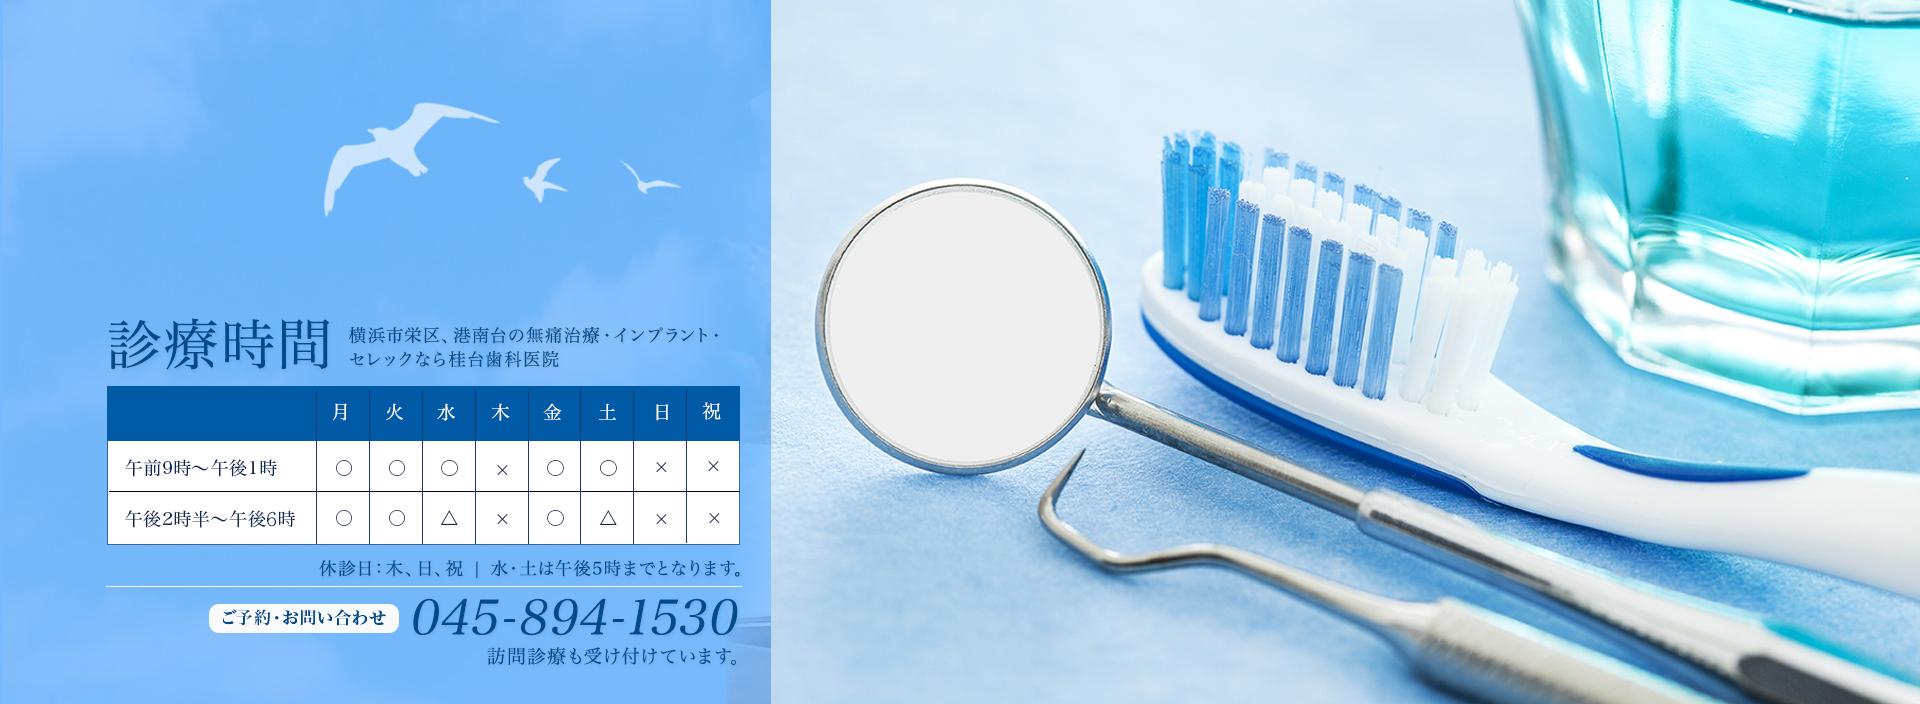 桂台歯科医院